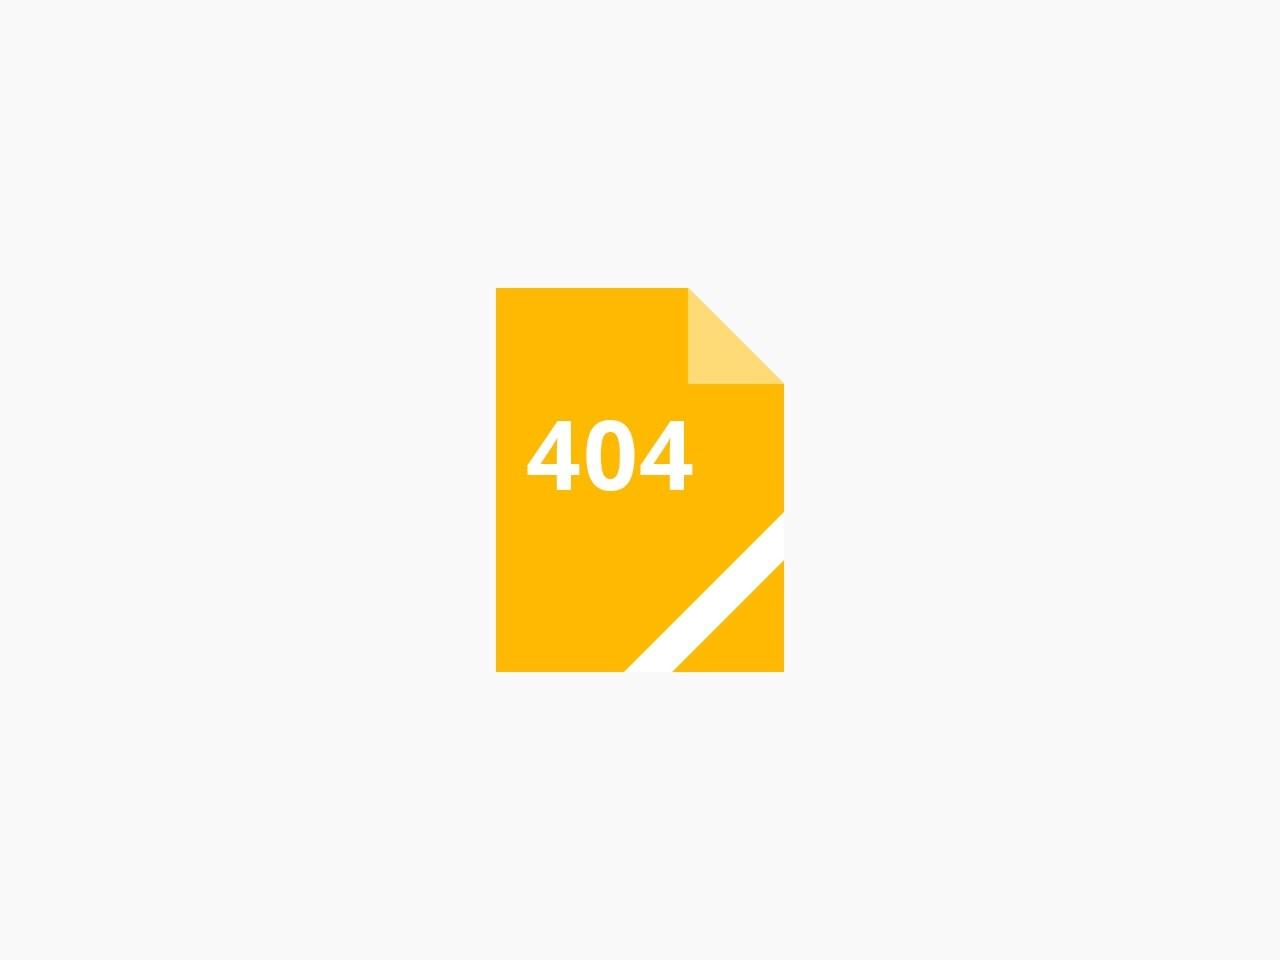 英语学习网 - 从零开始学英语,免费在线学习英语的网站。